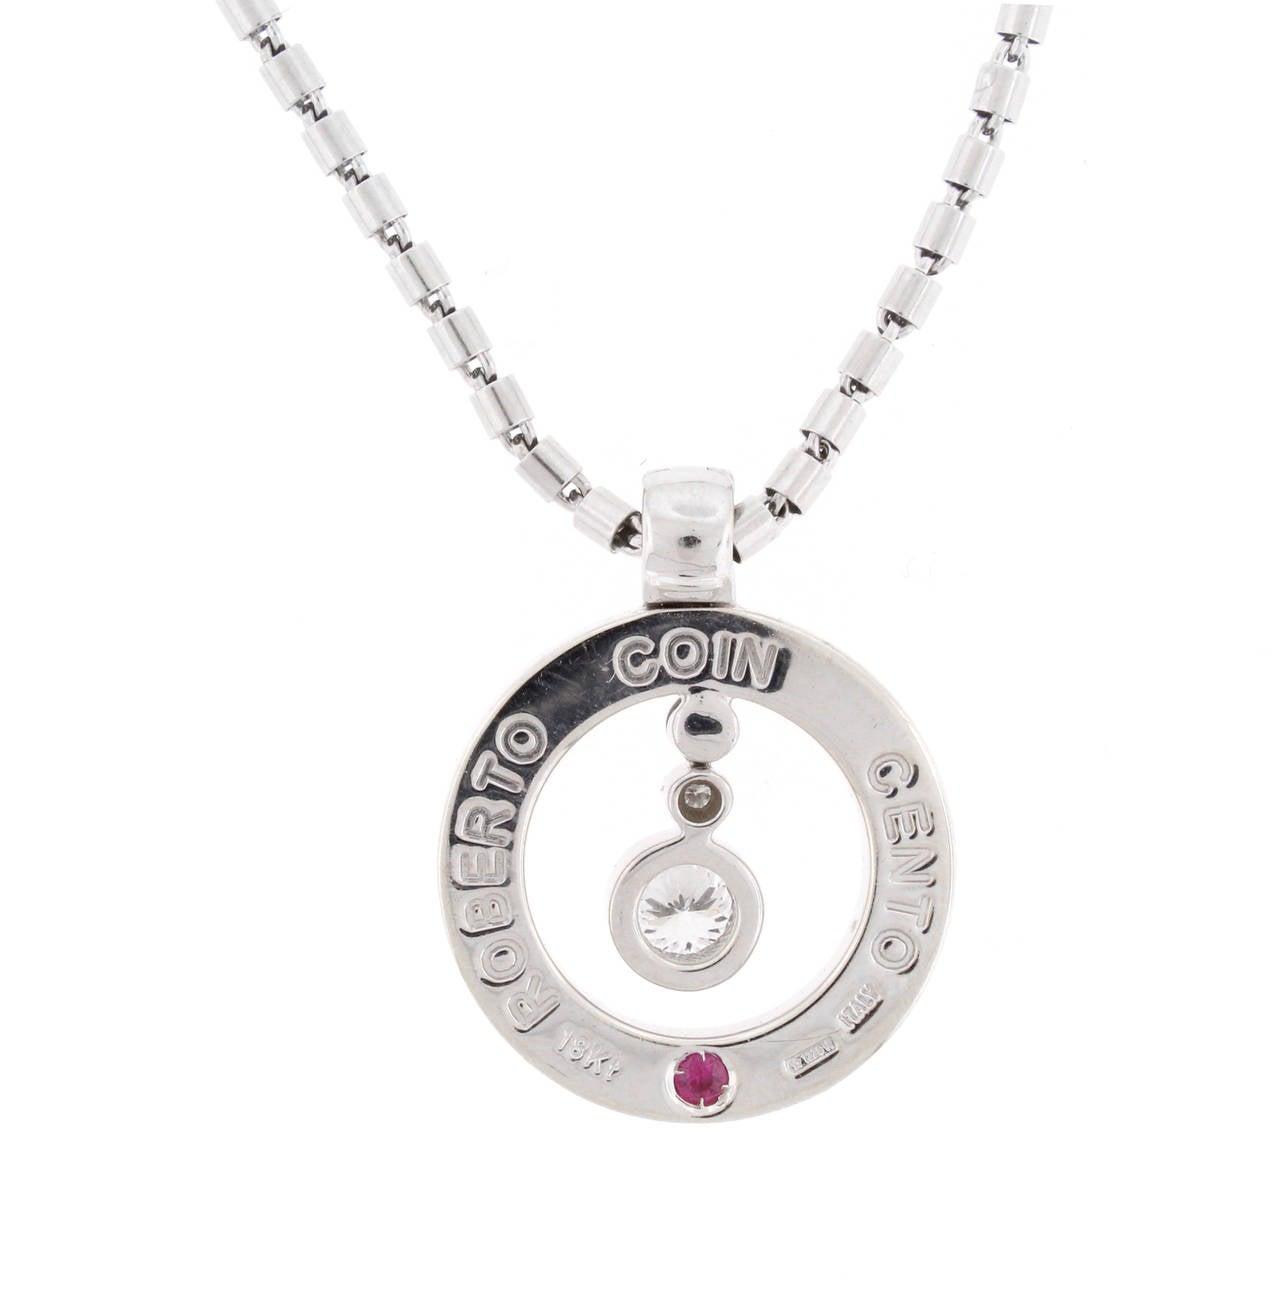 Roberto coin cento diamond gold pendant necklace at 1stdibs